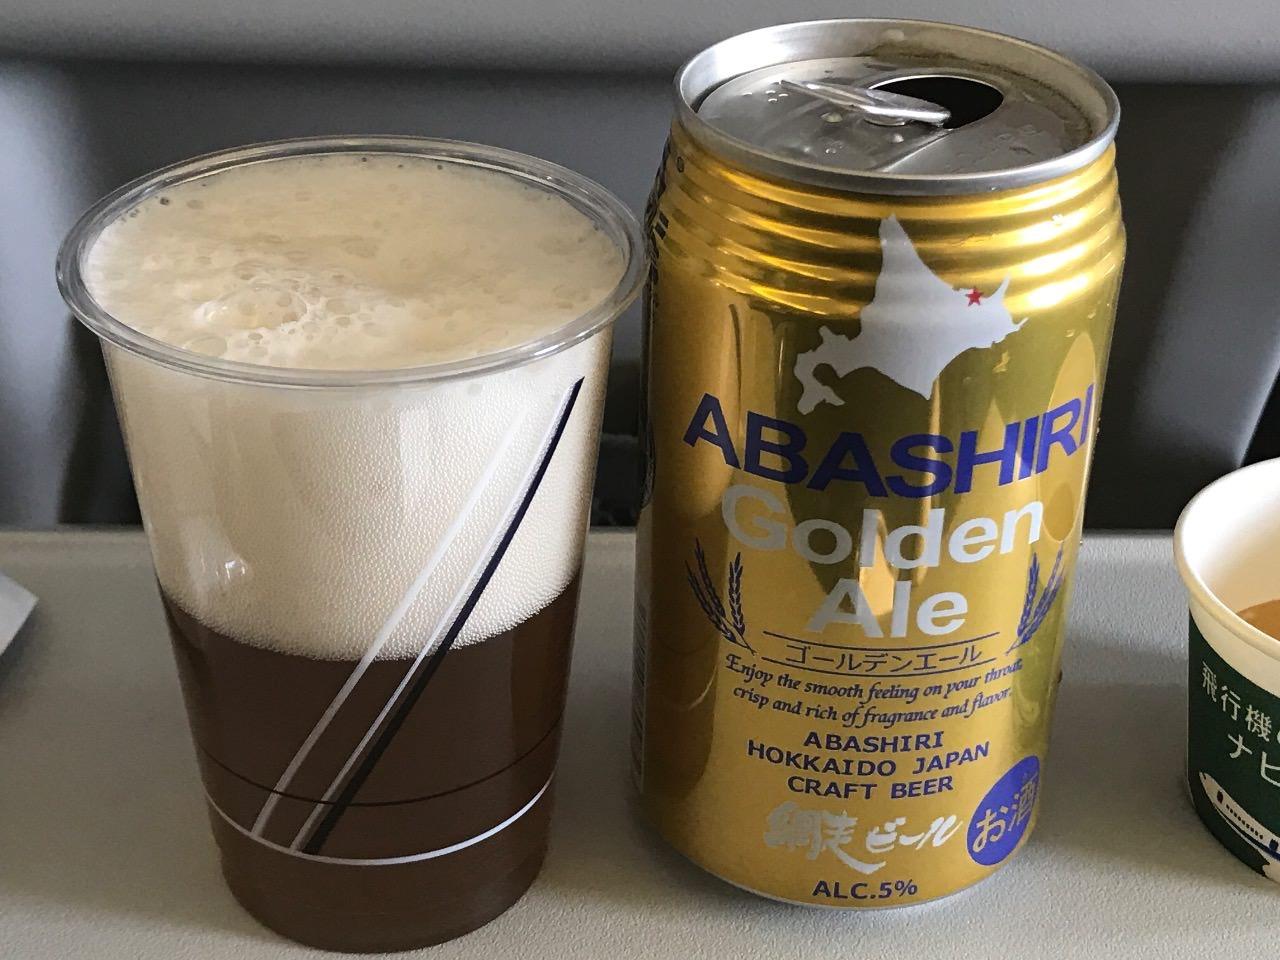 ABASHIRI ゴールデンエール 05 色